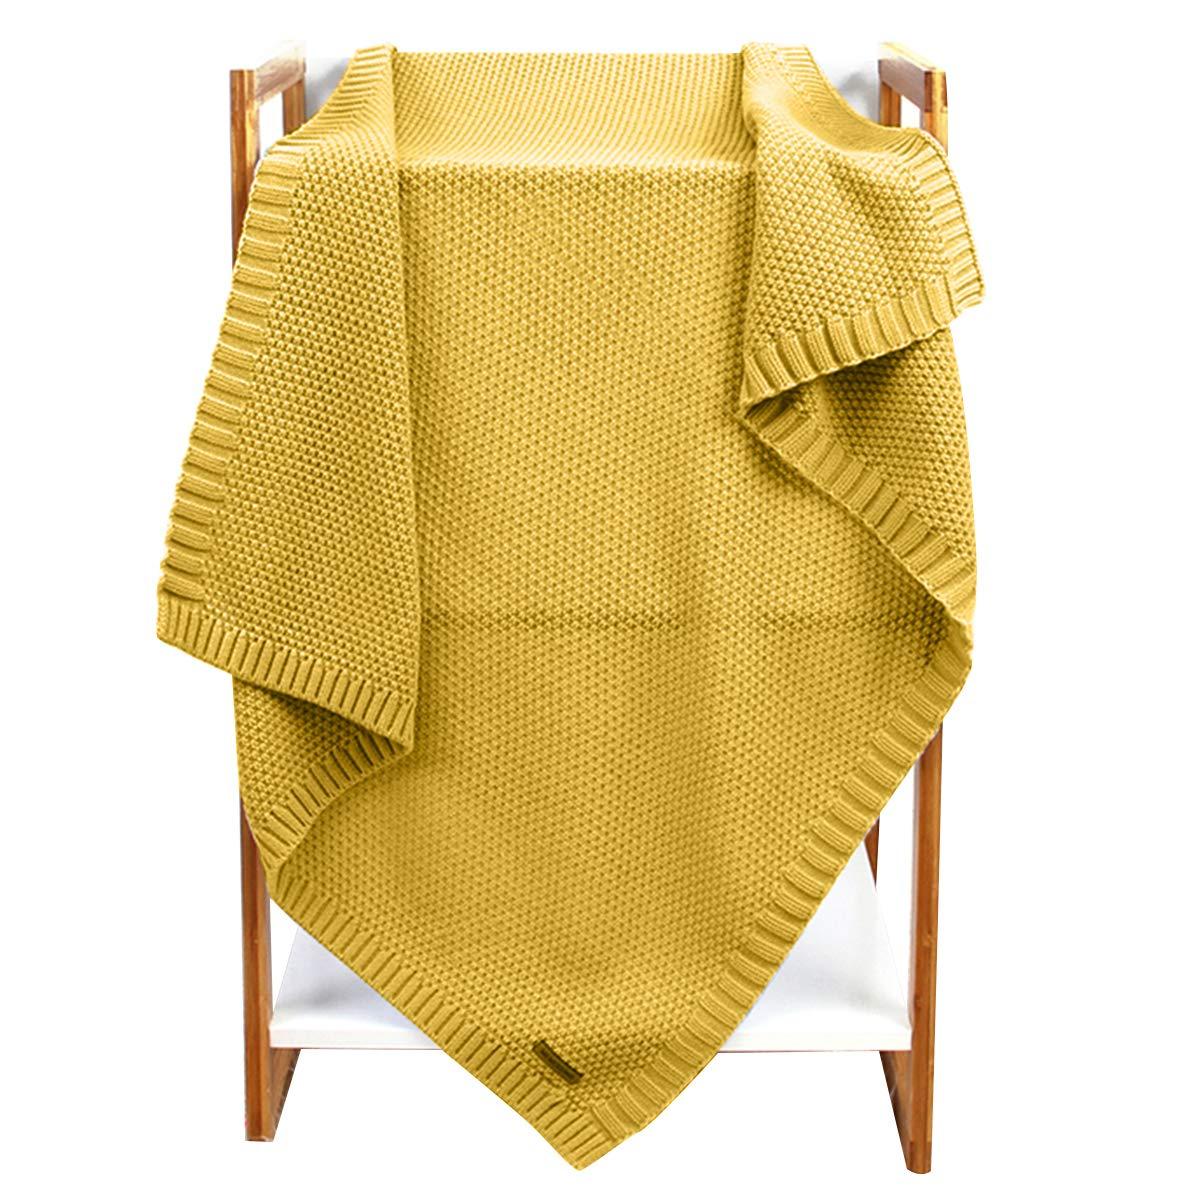 puseky Baby Boys Girl Sleeping Blanket Toddler Knitted Crochet Throw Blanket Newborn Stroller Swaddle Blanket